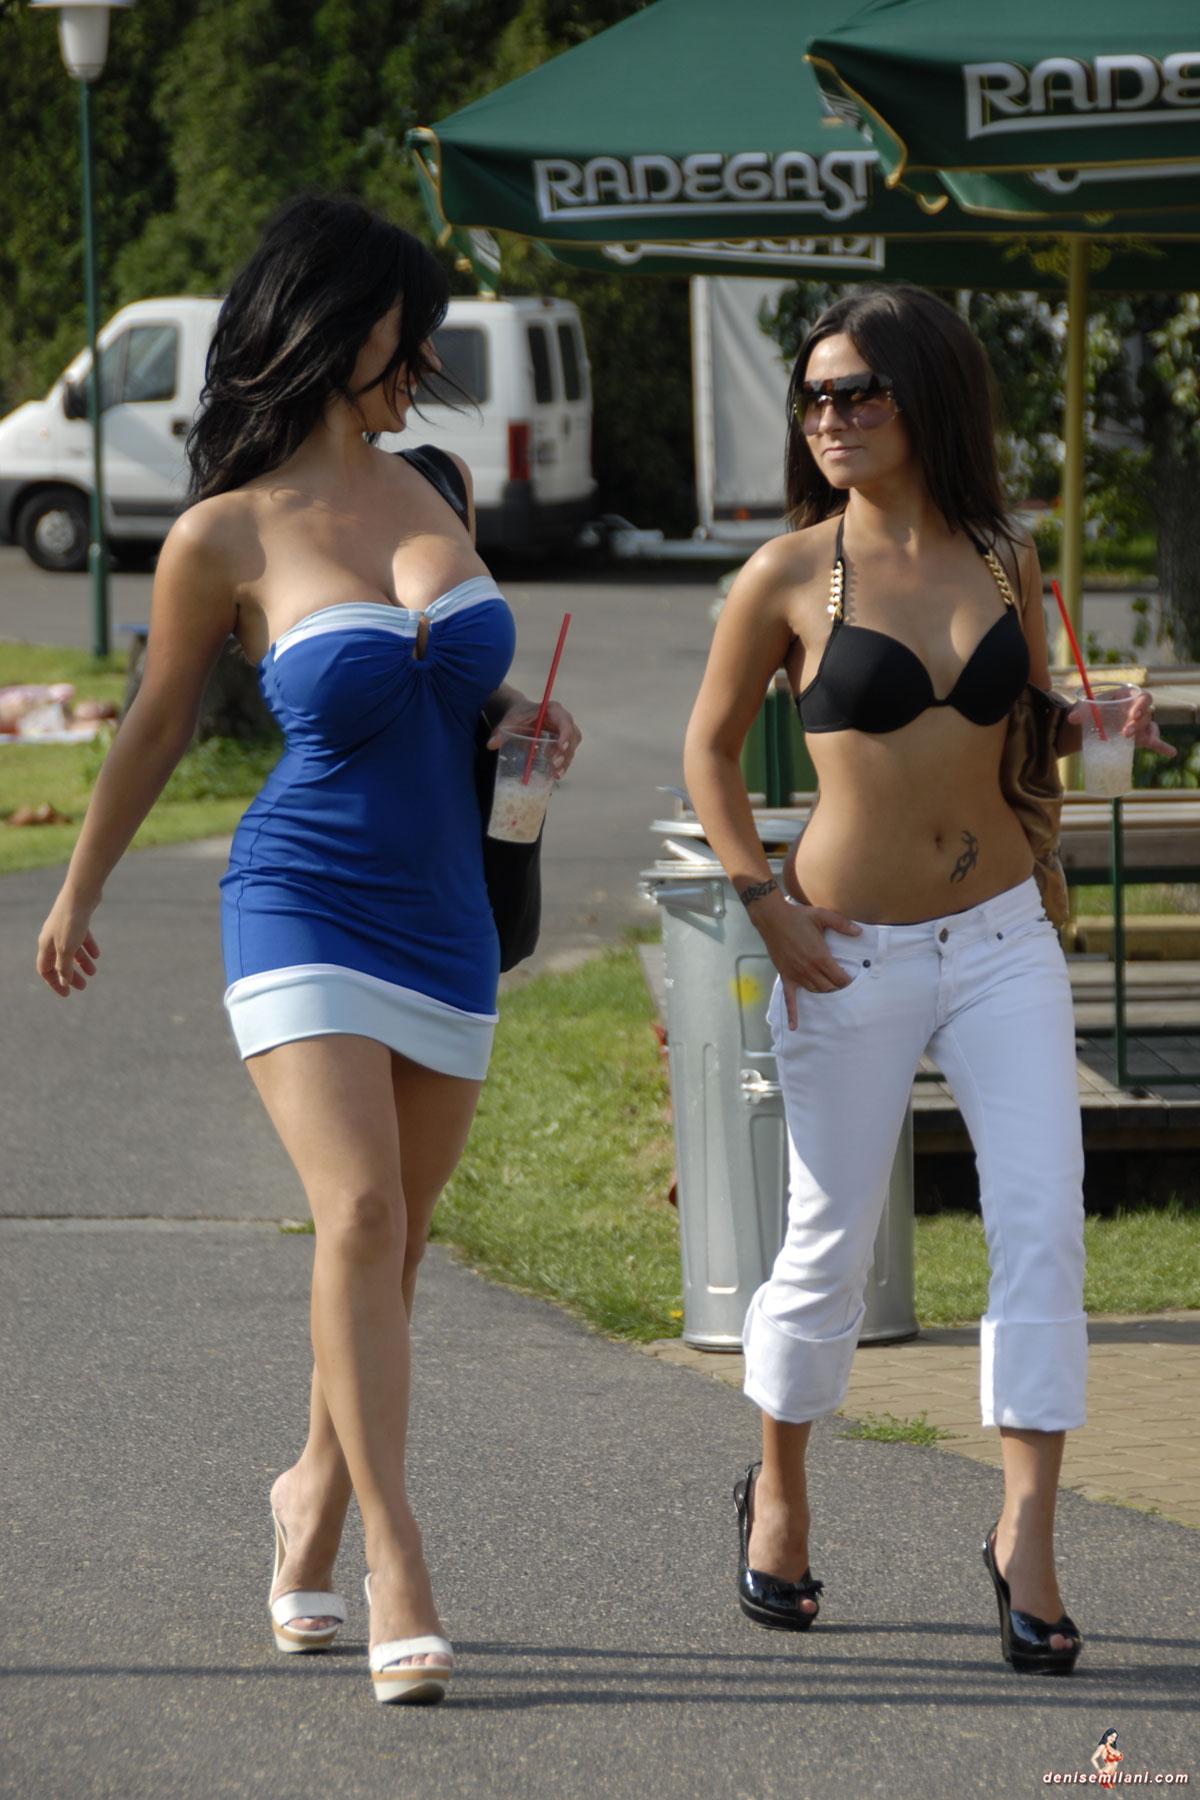 Фото женщин на улице из россии 13 фотография